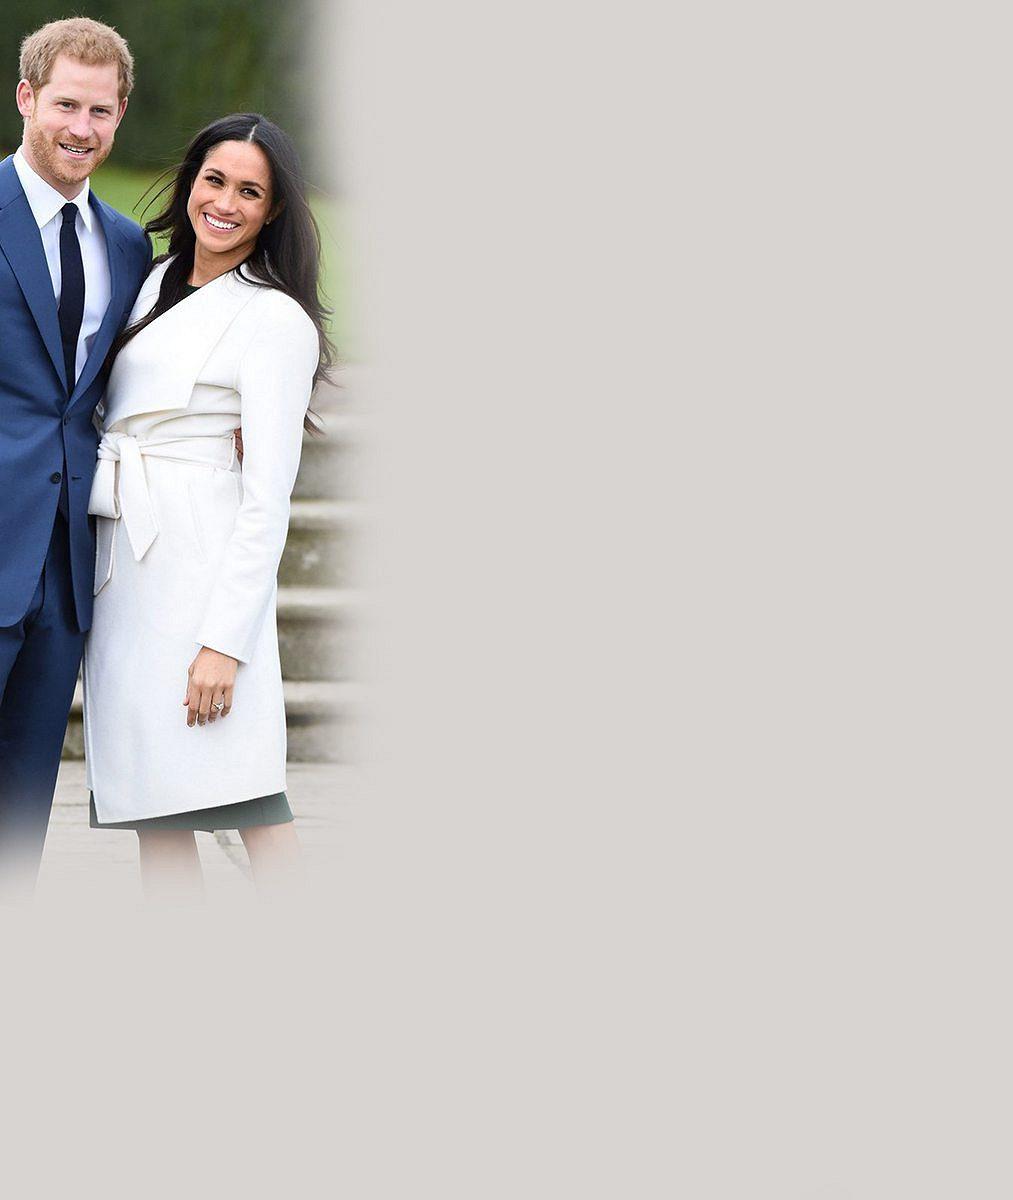 Šok! Na svatbě, kterou sledoval celý svět, už prý byli manželé: Kdy se Harry sMeghan vzali doopravdy?